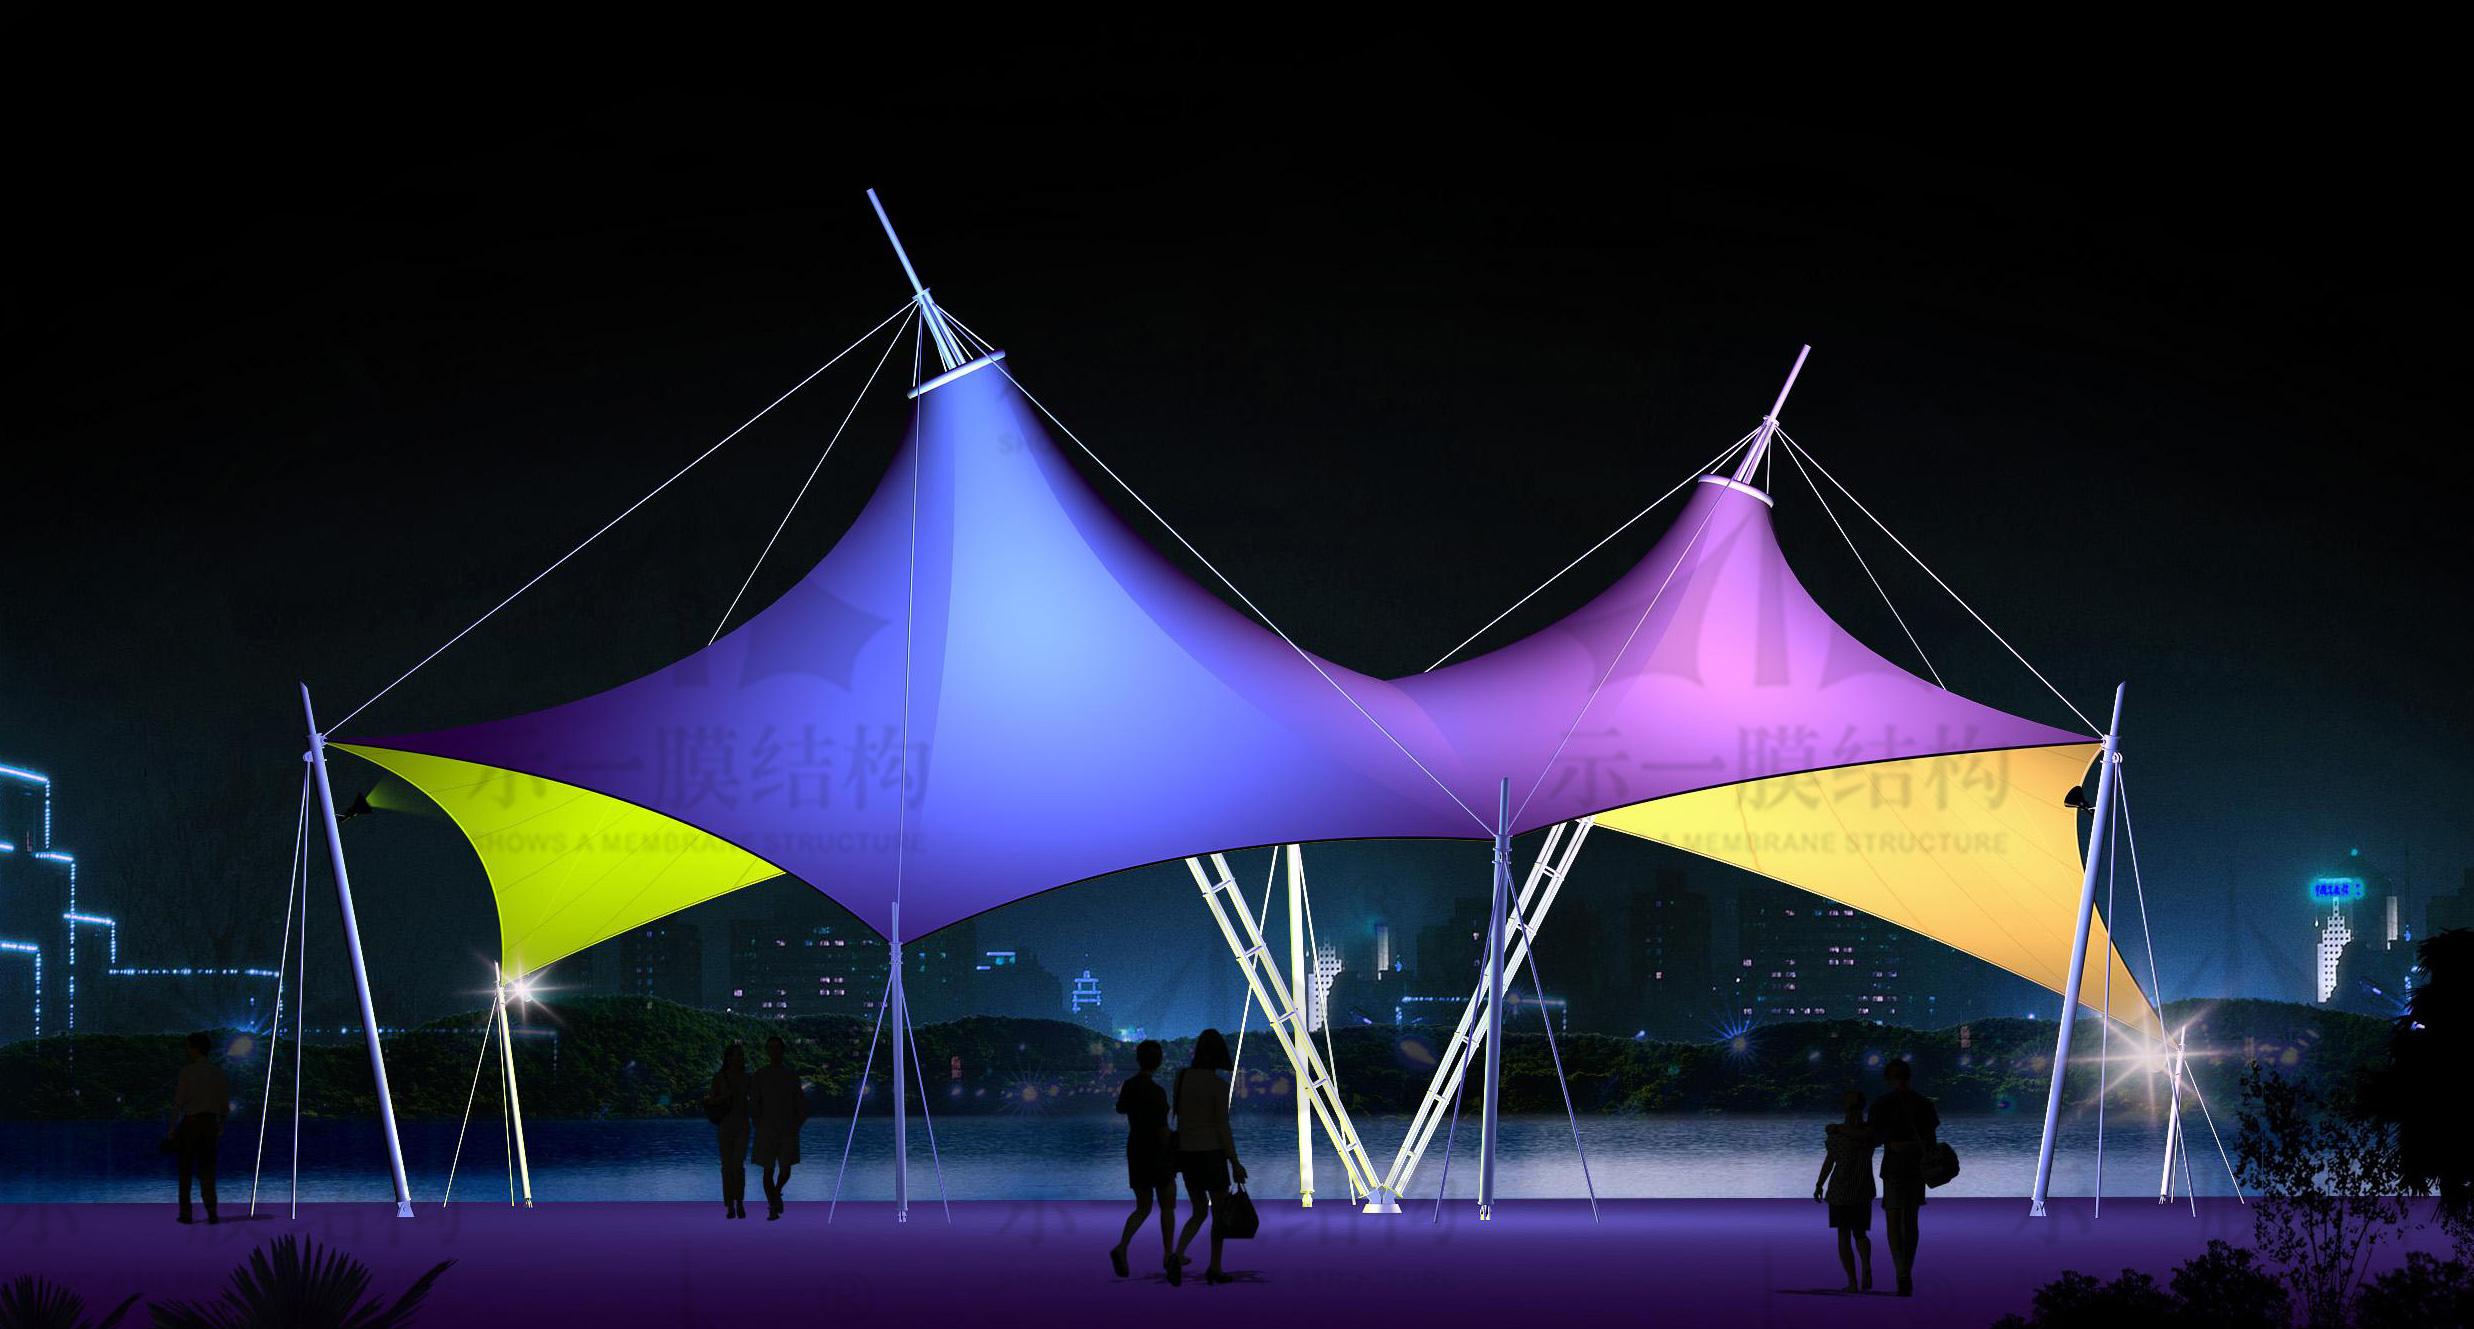 上海示一膜结构景观张拉膜标志小品